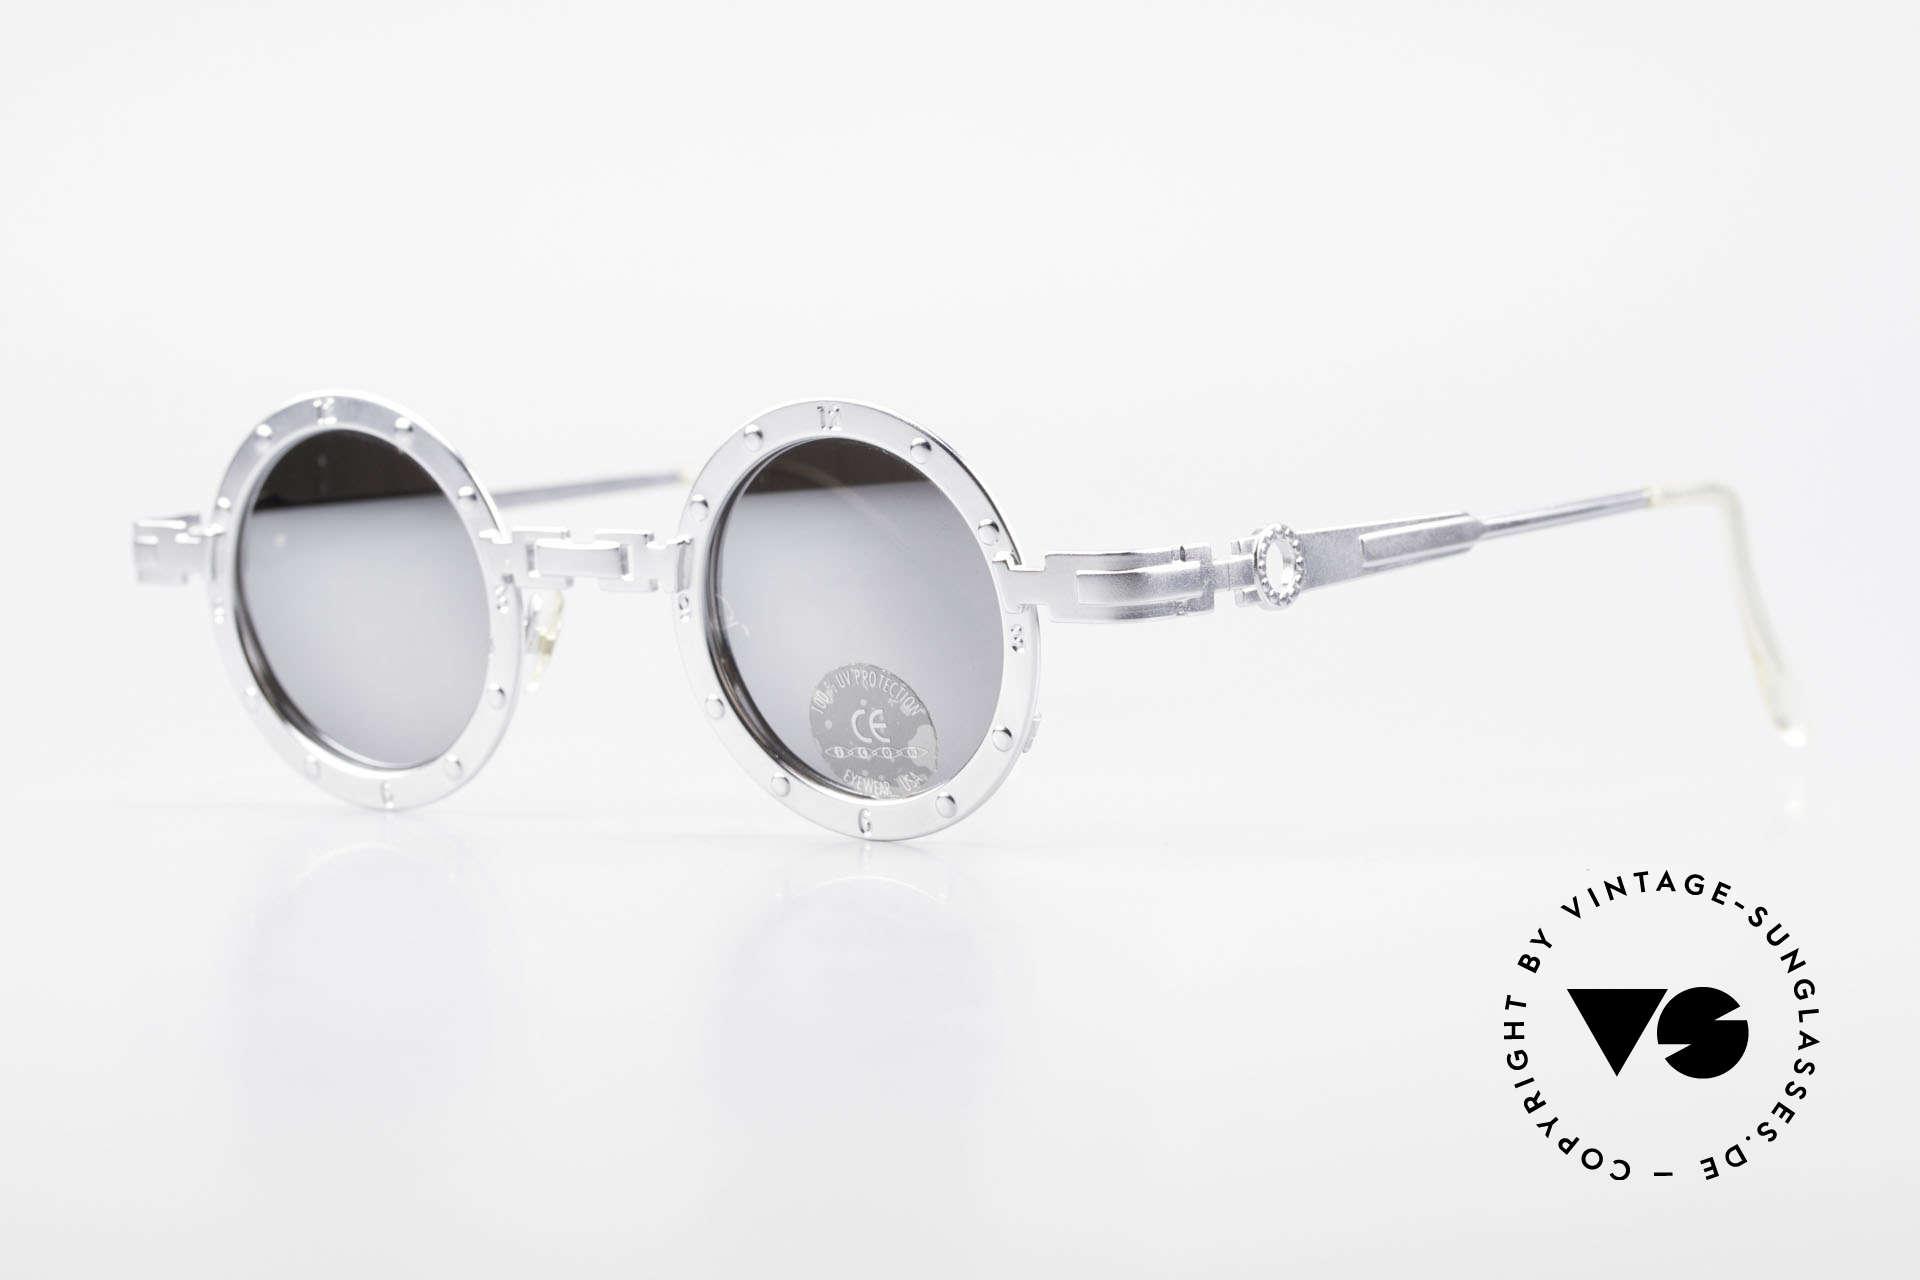 """Koure Icon 2266 Verspiegelte Steampunk Brille, viele interessante Rahmendetails im """"Retro-Futurismus"""", Passend für Herren und Damen"""